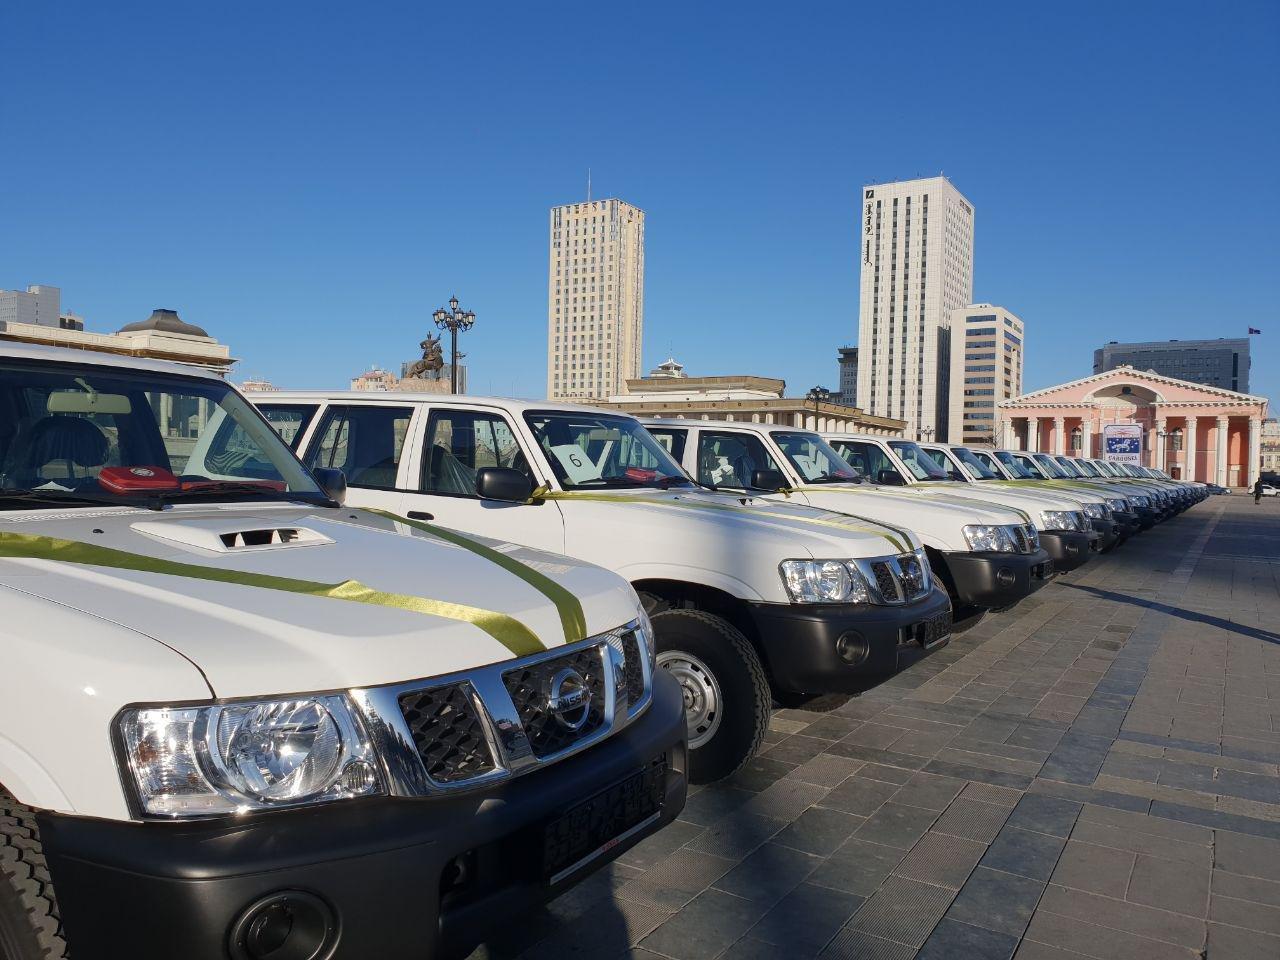 21 аймгийн Эрүүл мэндийн газарт яаралтай түргэн тусламжийн автомашин Эрүүл мэндийн сайд Д.Сарангэрэл гардуулан өглөө.